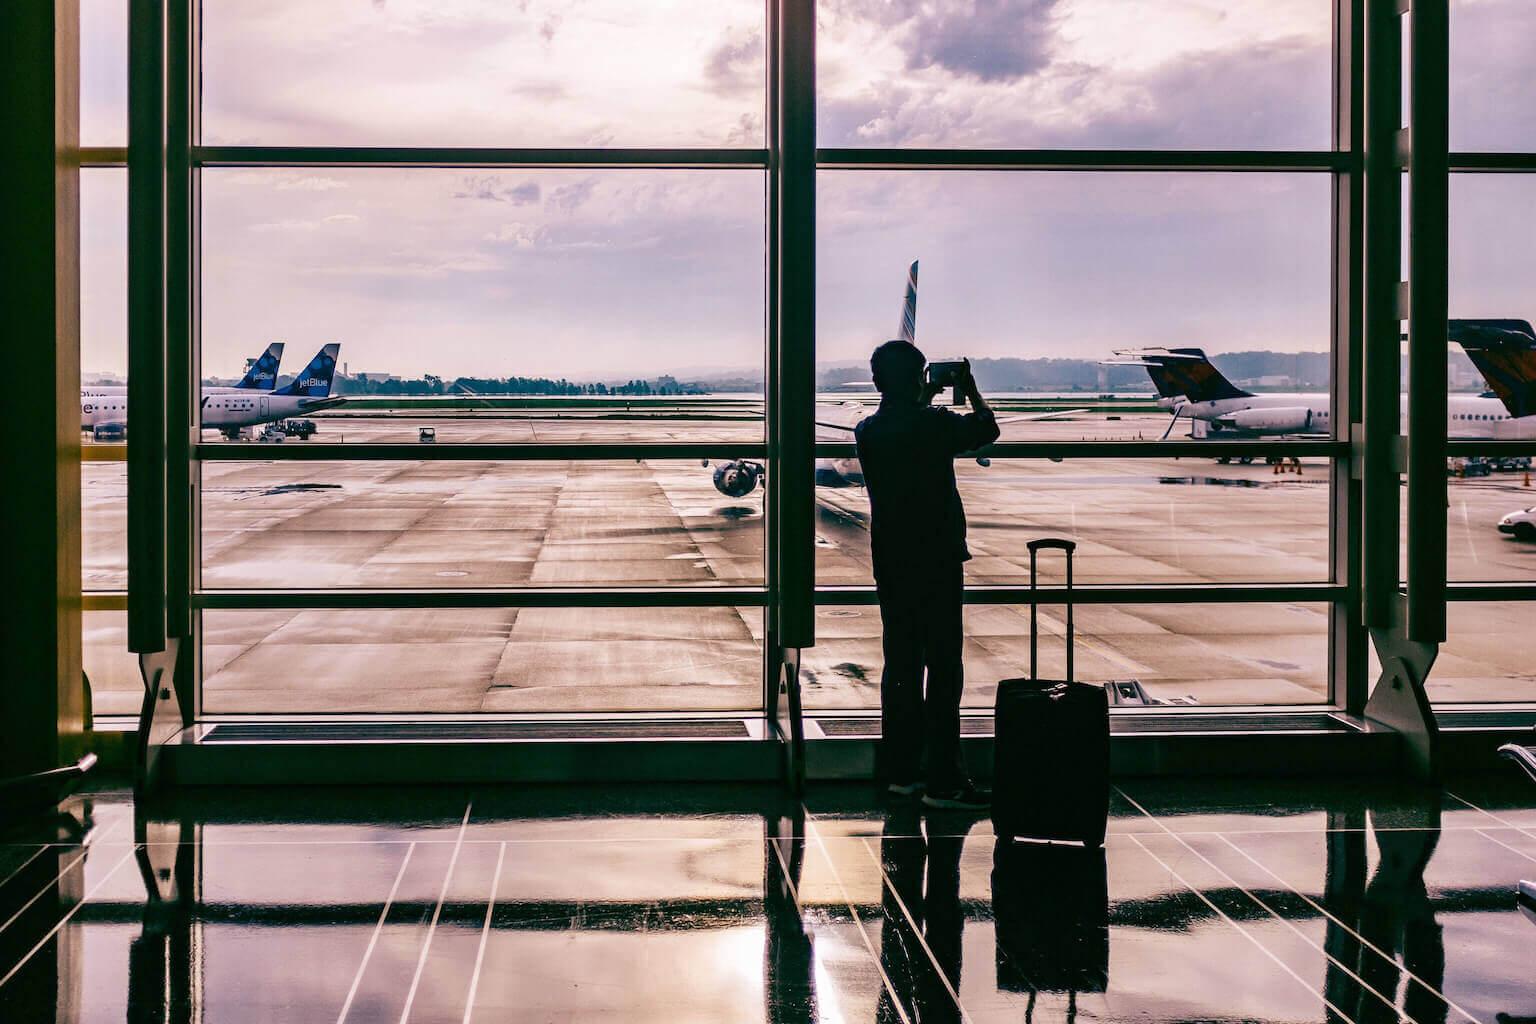 0_Luggage